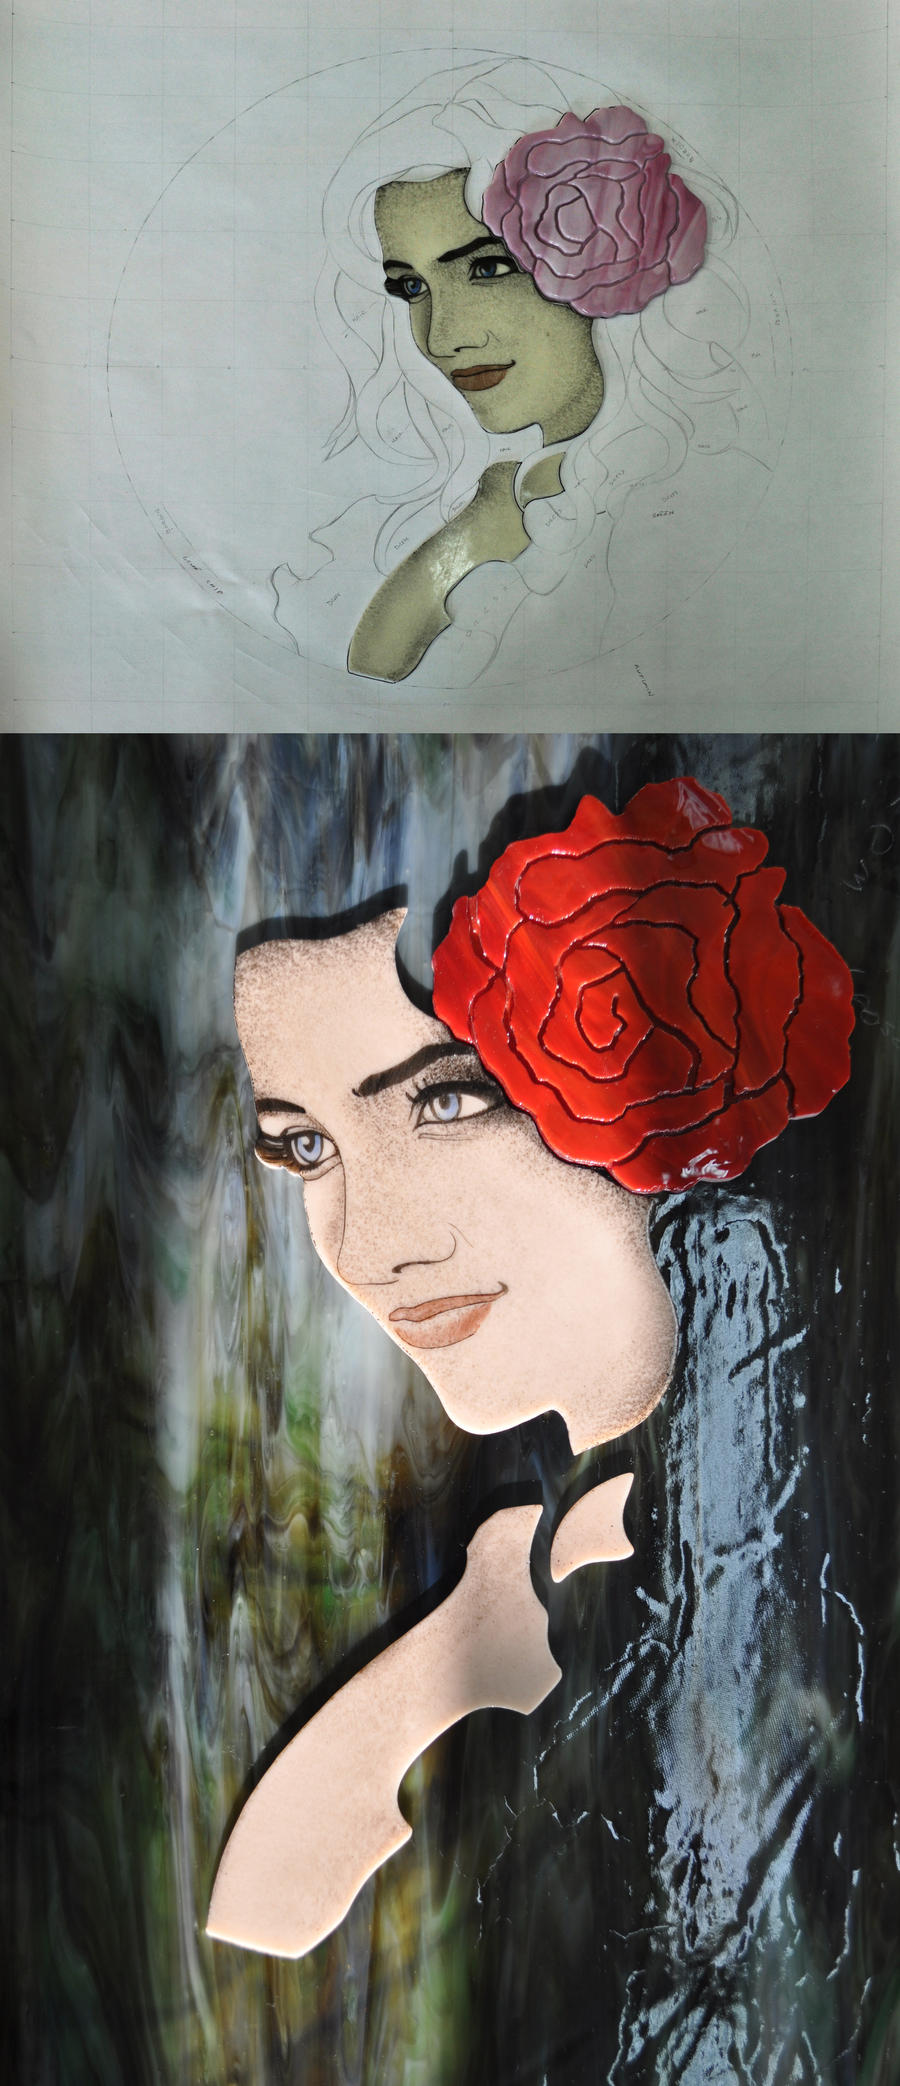 rose WIP by Avogel57